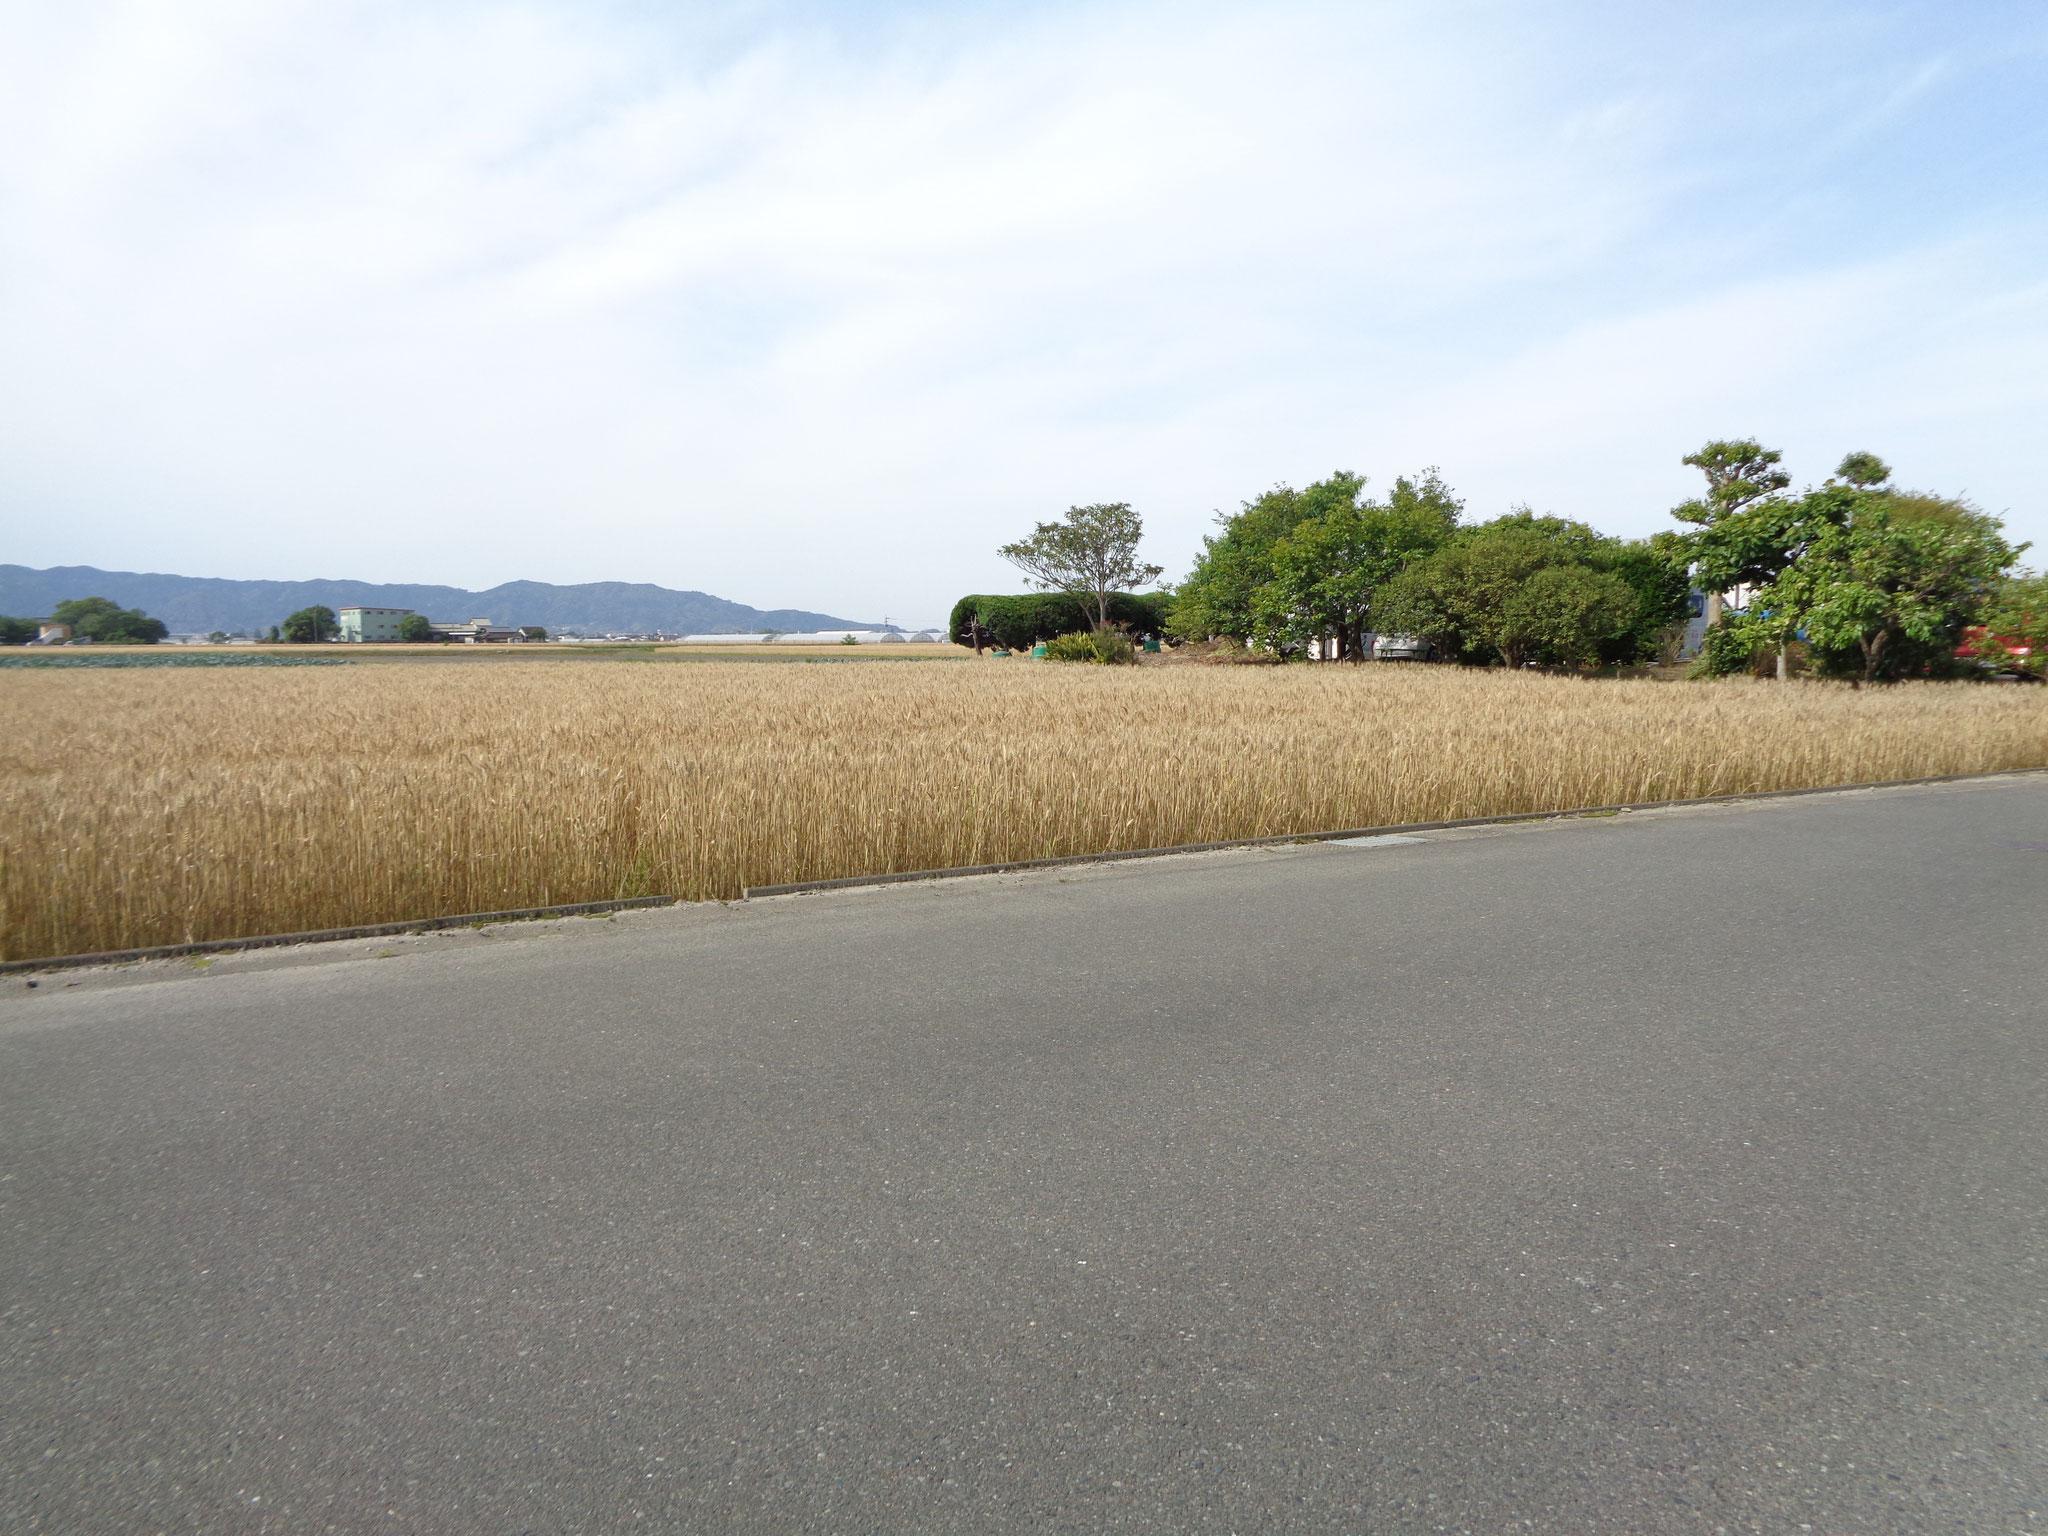 聖母園の周囲はすっかり麦の秋です。